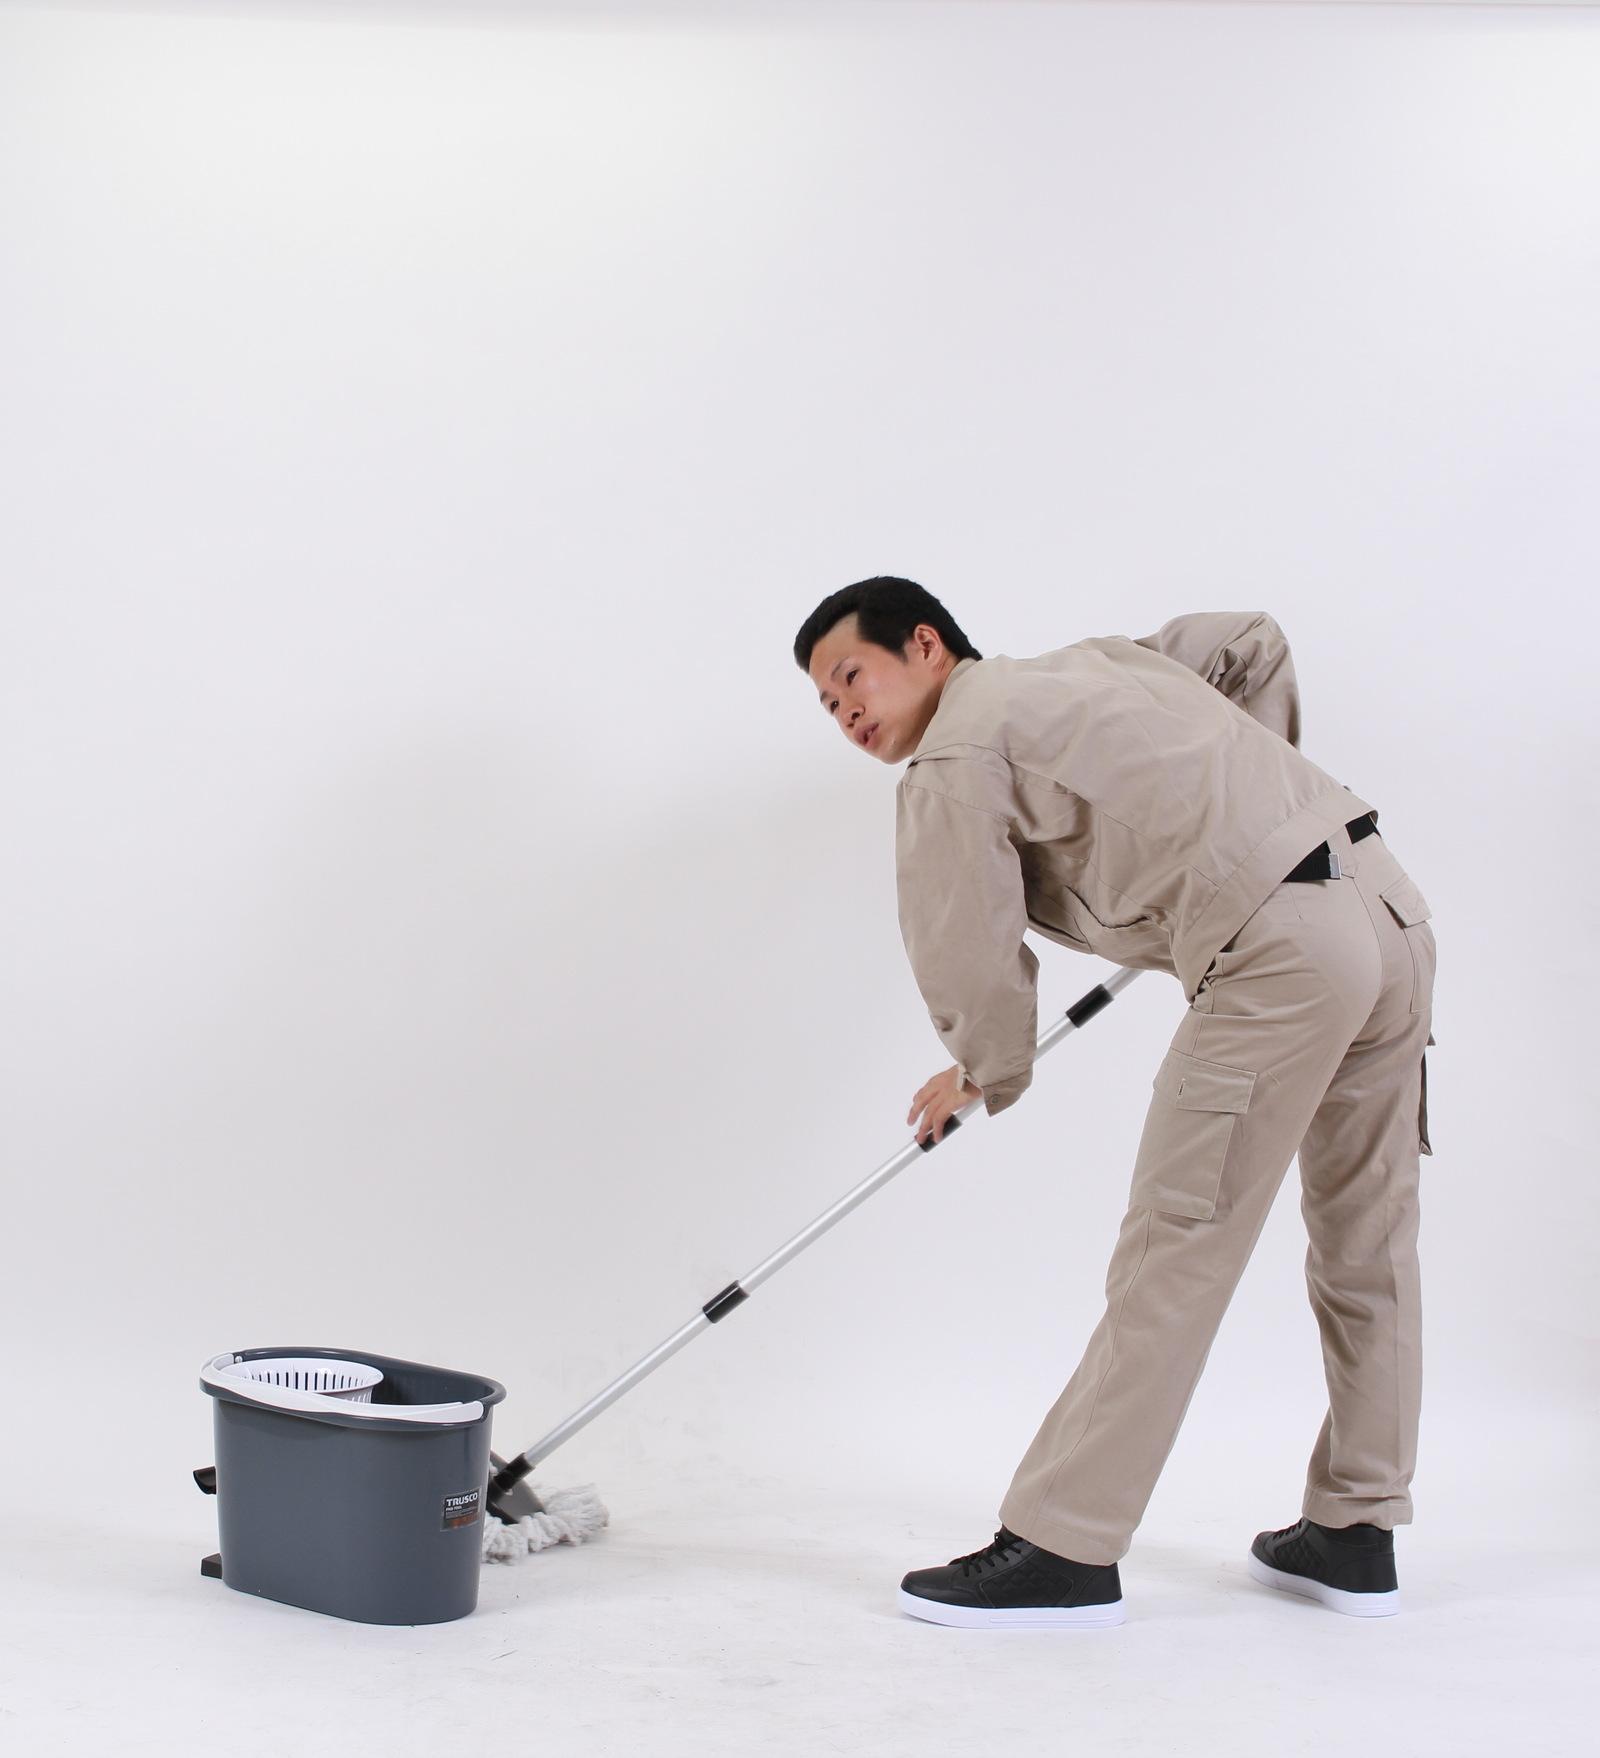 [01]初めてモップで掃除をする兄貴,シニア,写真,画像,素材,老人,高齢者,フリー